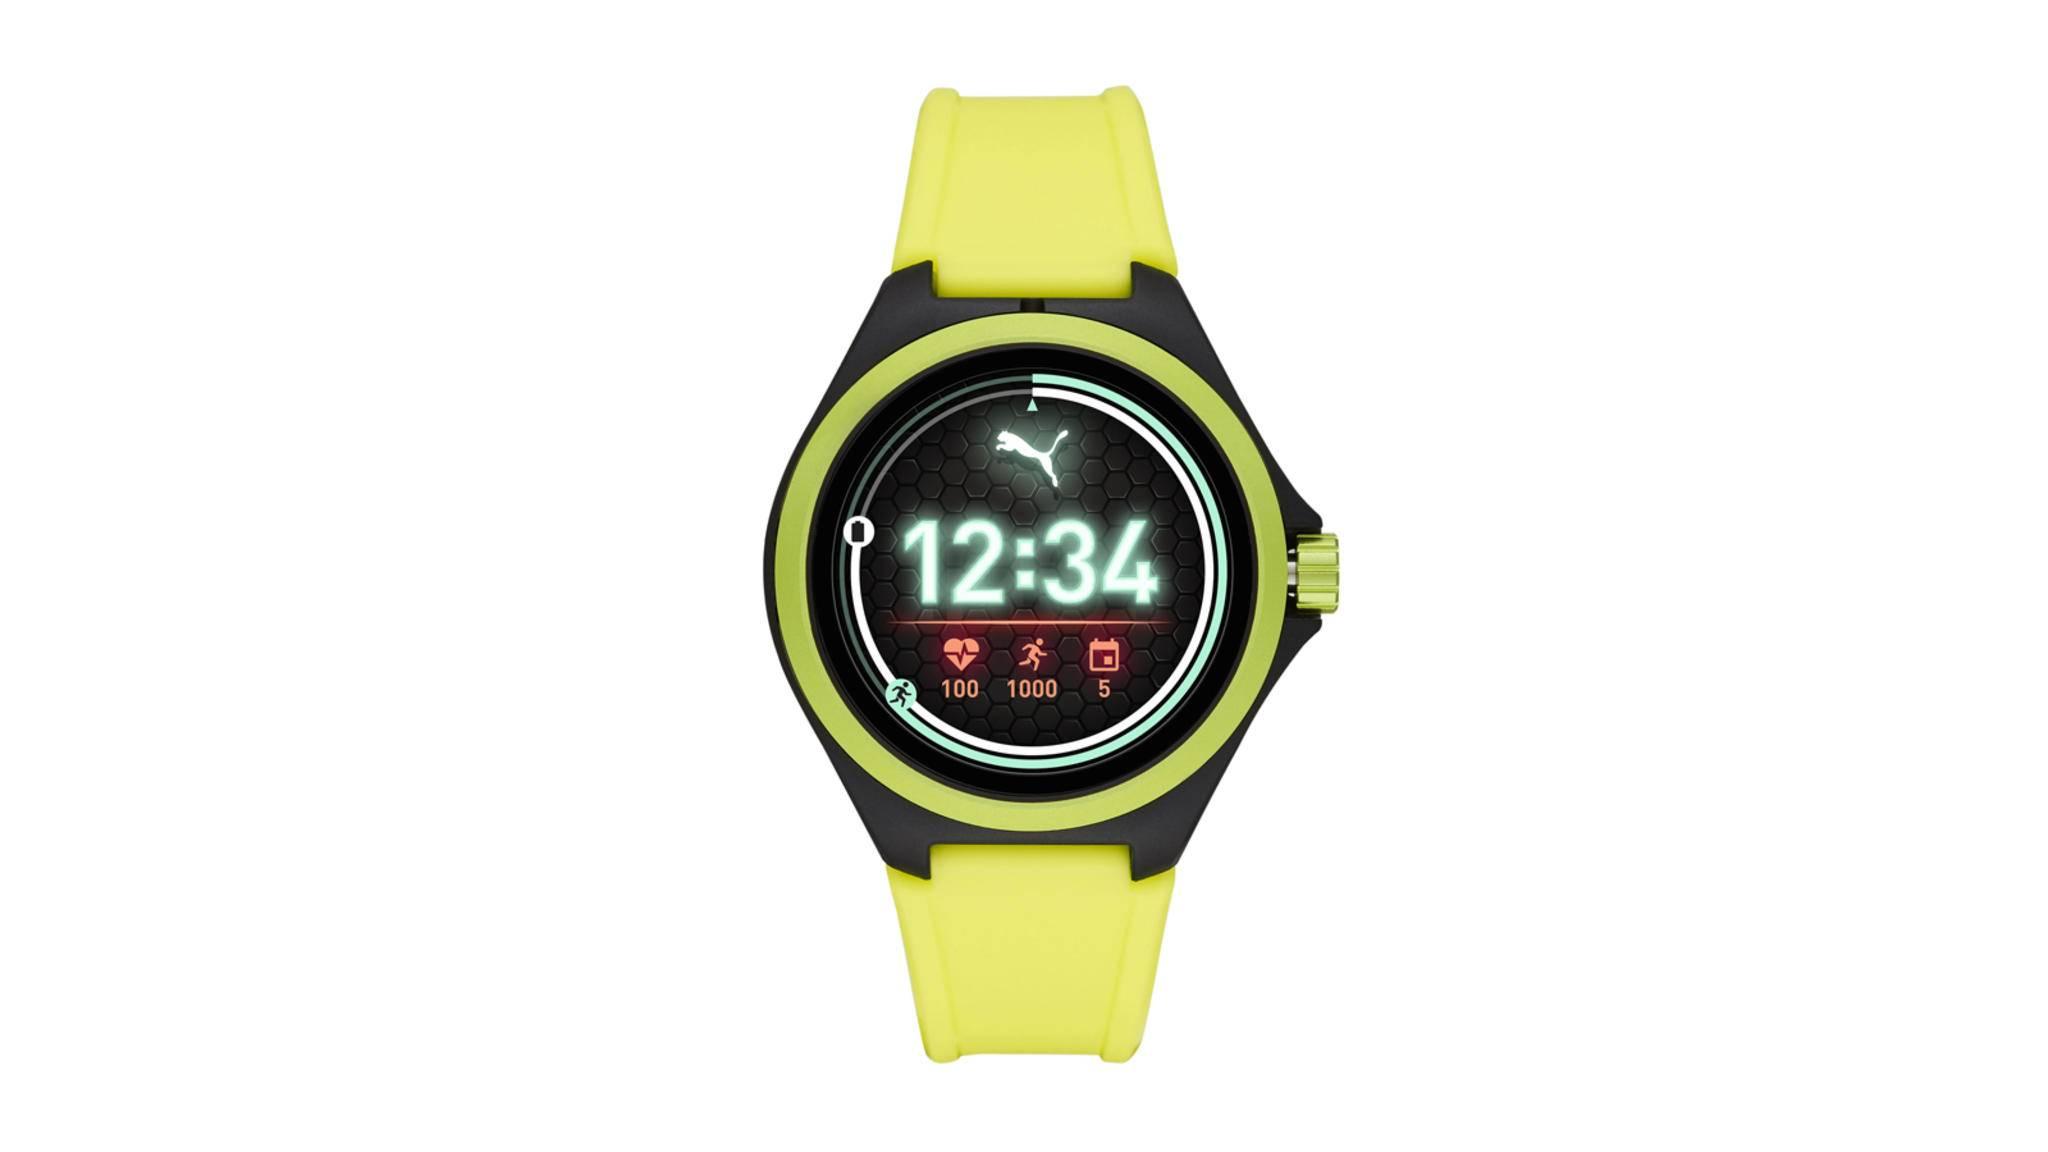 Puma präsentiert in Kooperation mit Fossil erste Smartwatch